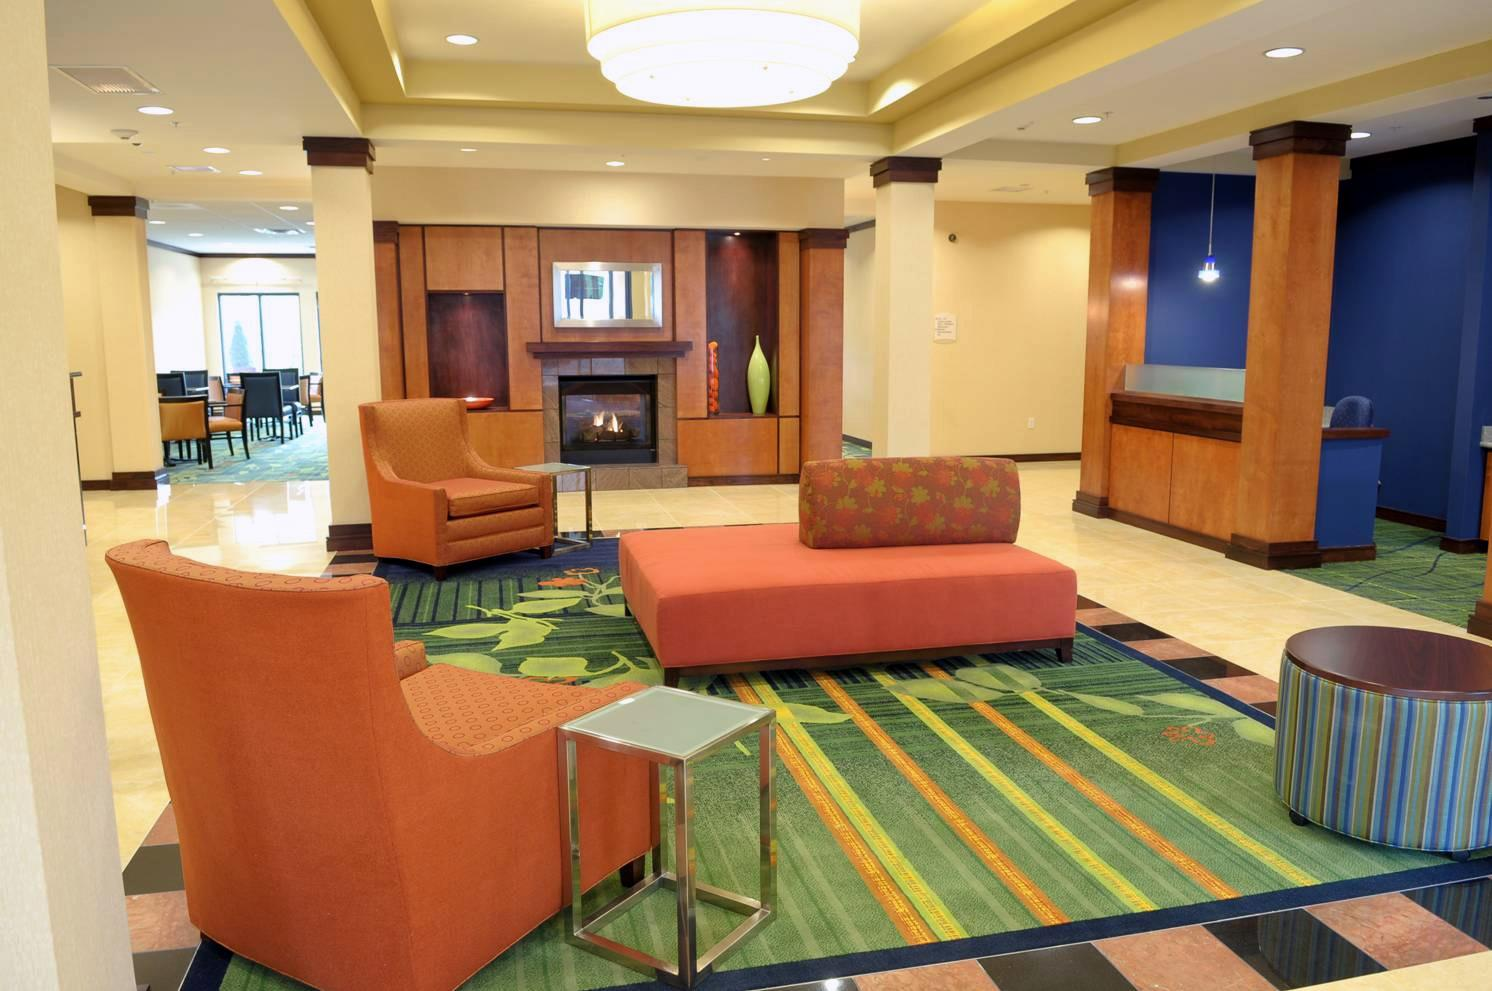 Fairfield Inn & Suites Portland North image 7